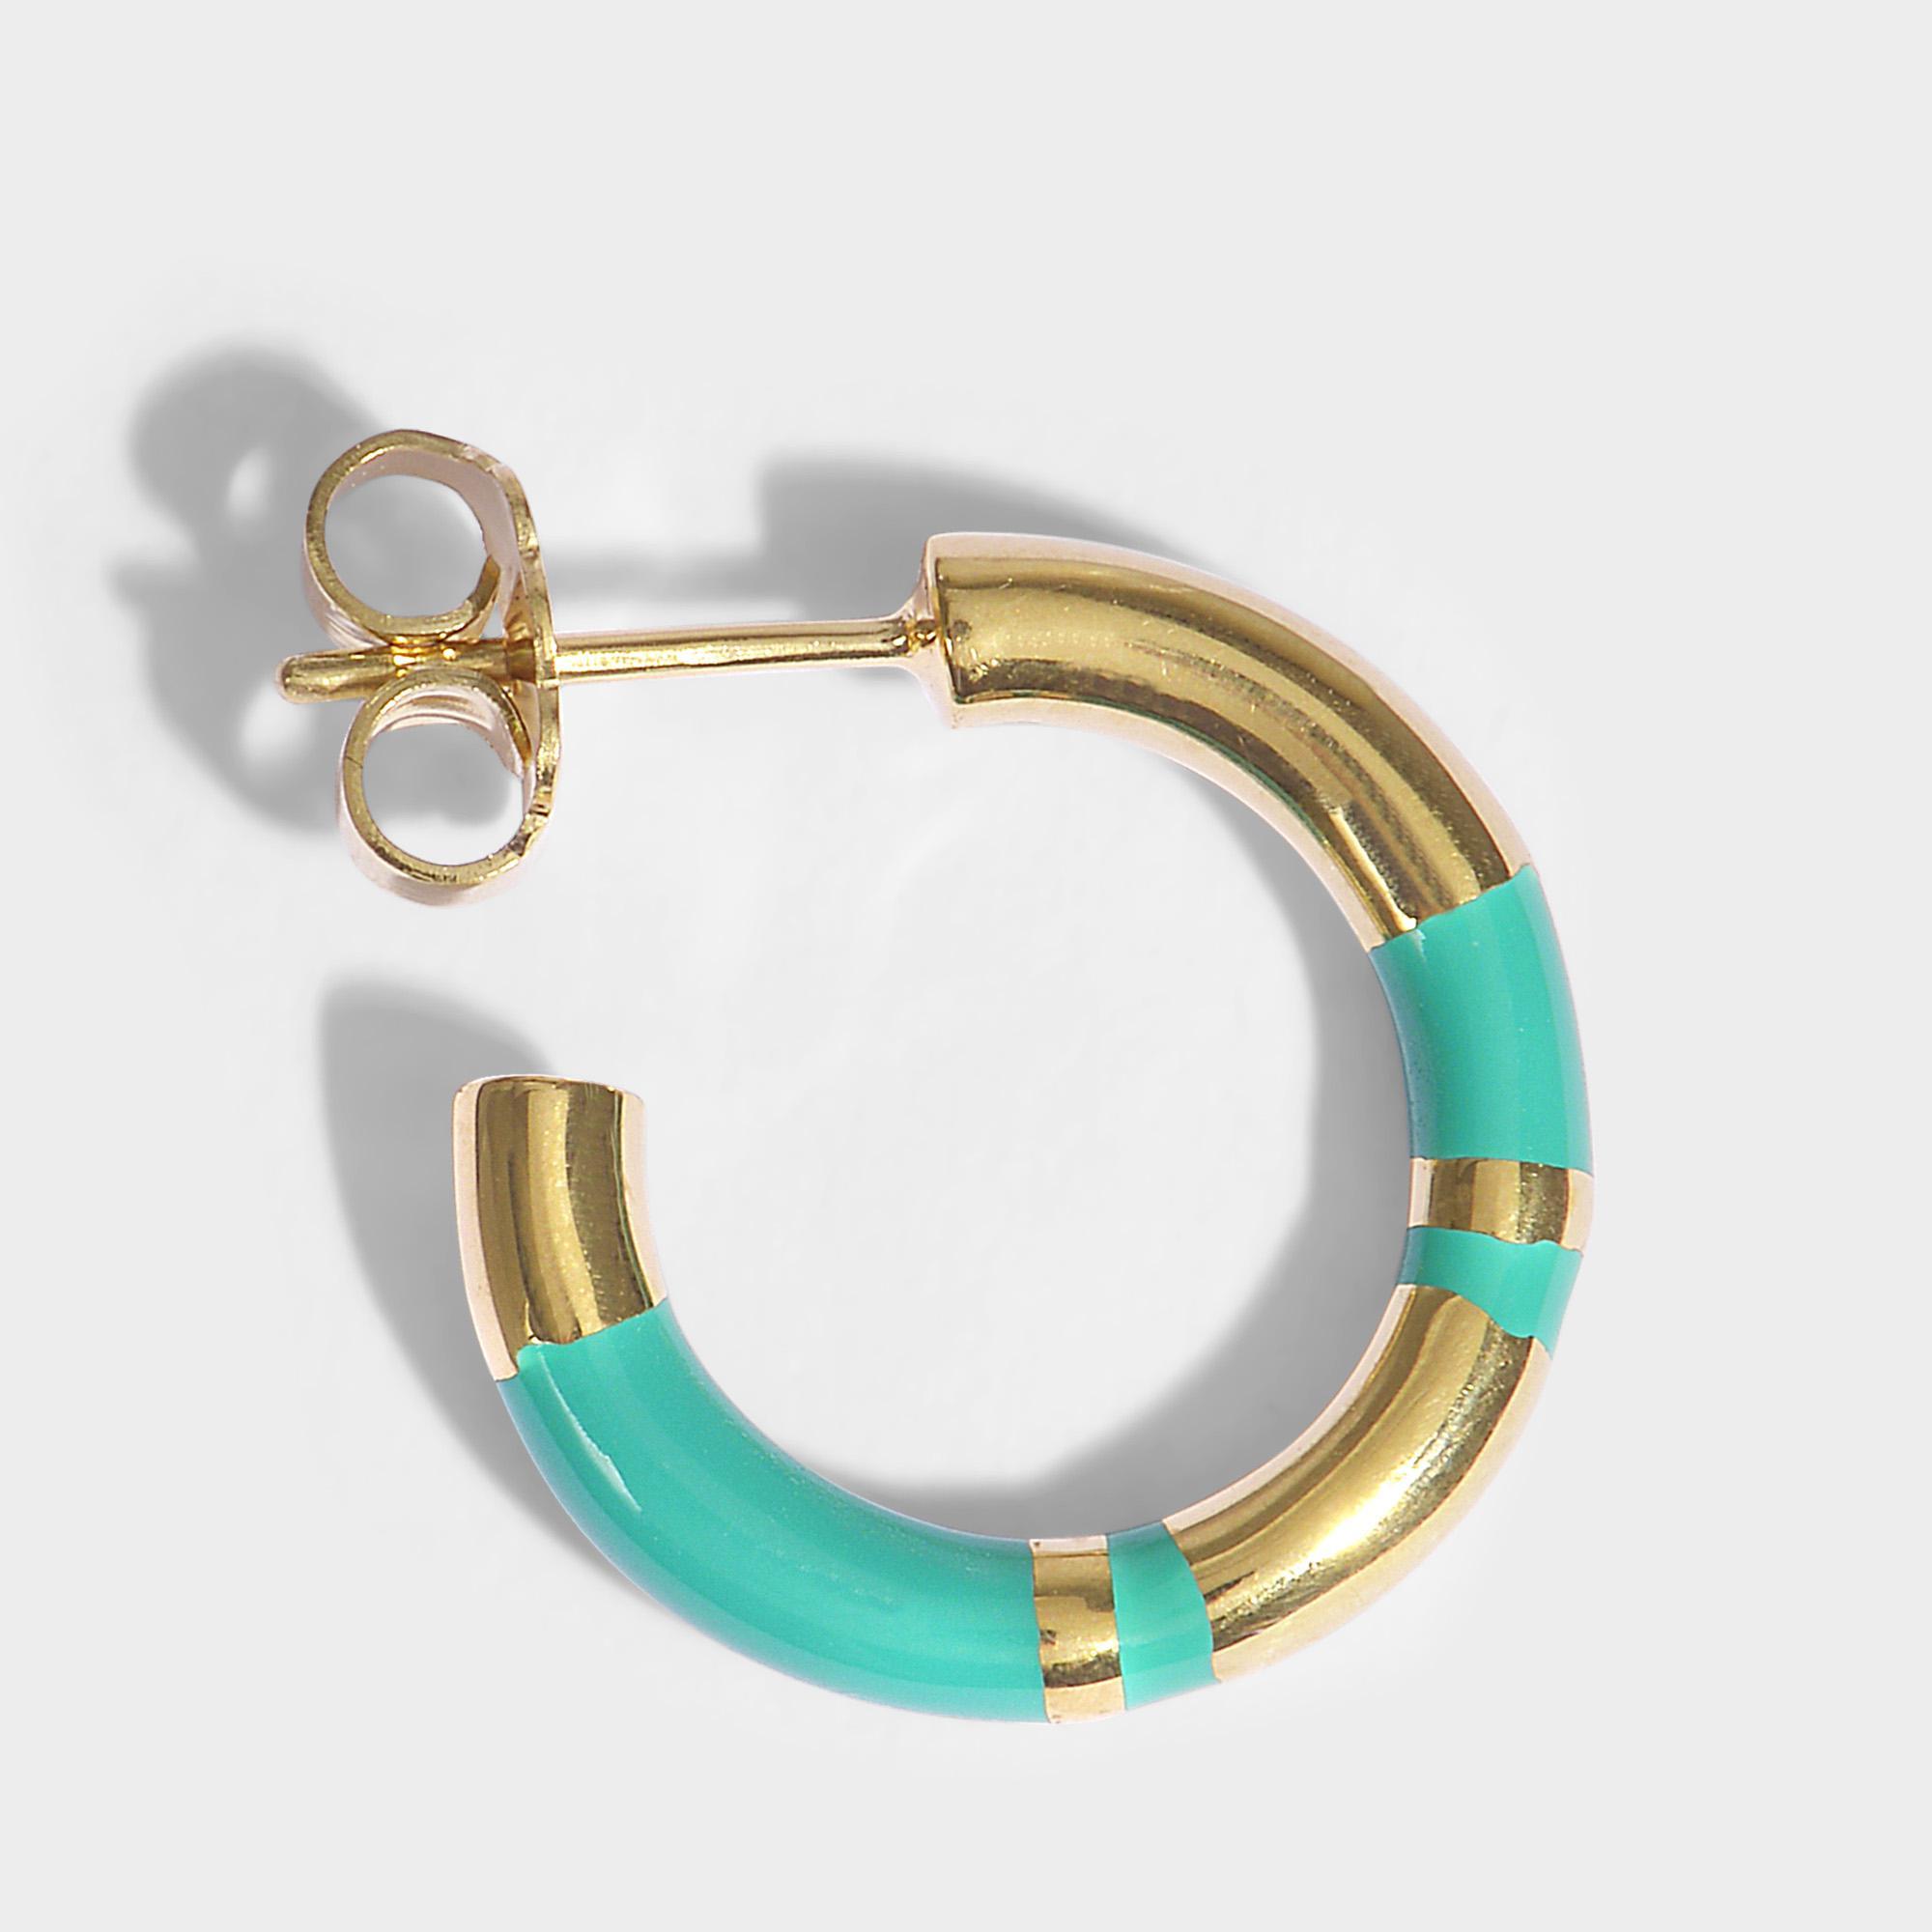 Positano emerald bracelet Aur vnK8PNsq0A